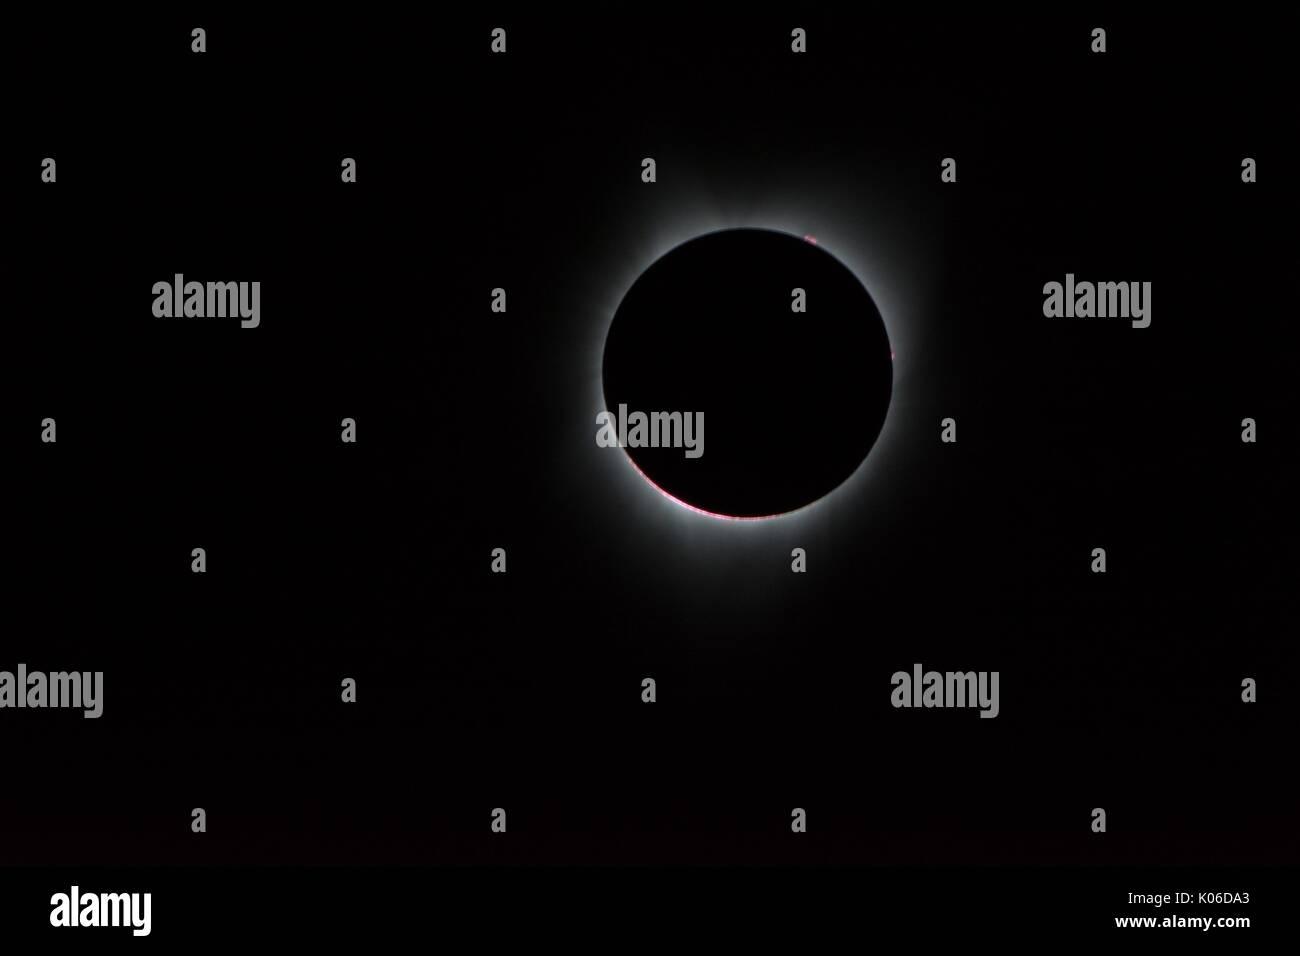 Madras, Vereinigten Staaten von Amerika. 21 Aug, 2017. Corona der Sonne, nur während des gesamten sichtbaren Eclipse, ist als Krone des weißen Flares von der Oberfläche bei einer totalen Sonnenfinsternis vom 21. August 2017 von an Bord eines NASA Gulfstream III Flugzeuge 25.000 Fuß über der Küste von Oregon. Die totale Sonnenfinsternis über einem schmalen Teil des angrenzenden Vereinigten Staaten von Oregon nach South Carolina und eine partielle Sonnenfinsternis war über den gesamten nordamerikanischen Kontinent sichtbar zusammen mit Teilen von Südamerika, Afrika und Europa. Credit: Planetpix/Alamy leben Nachrichten Stockbild